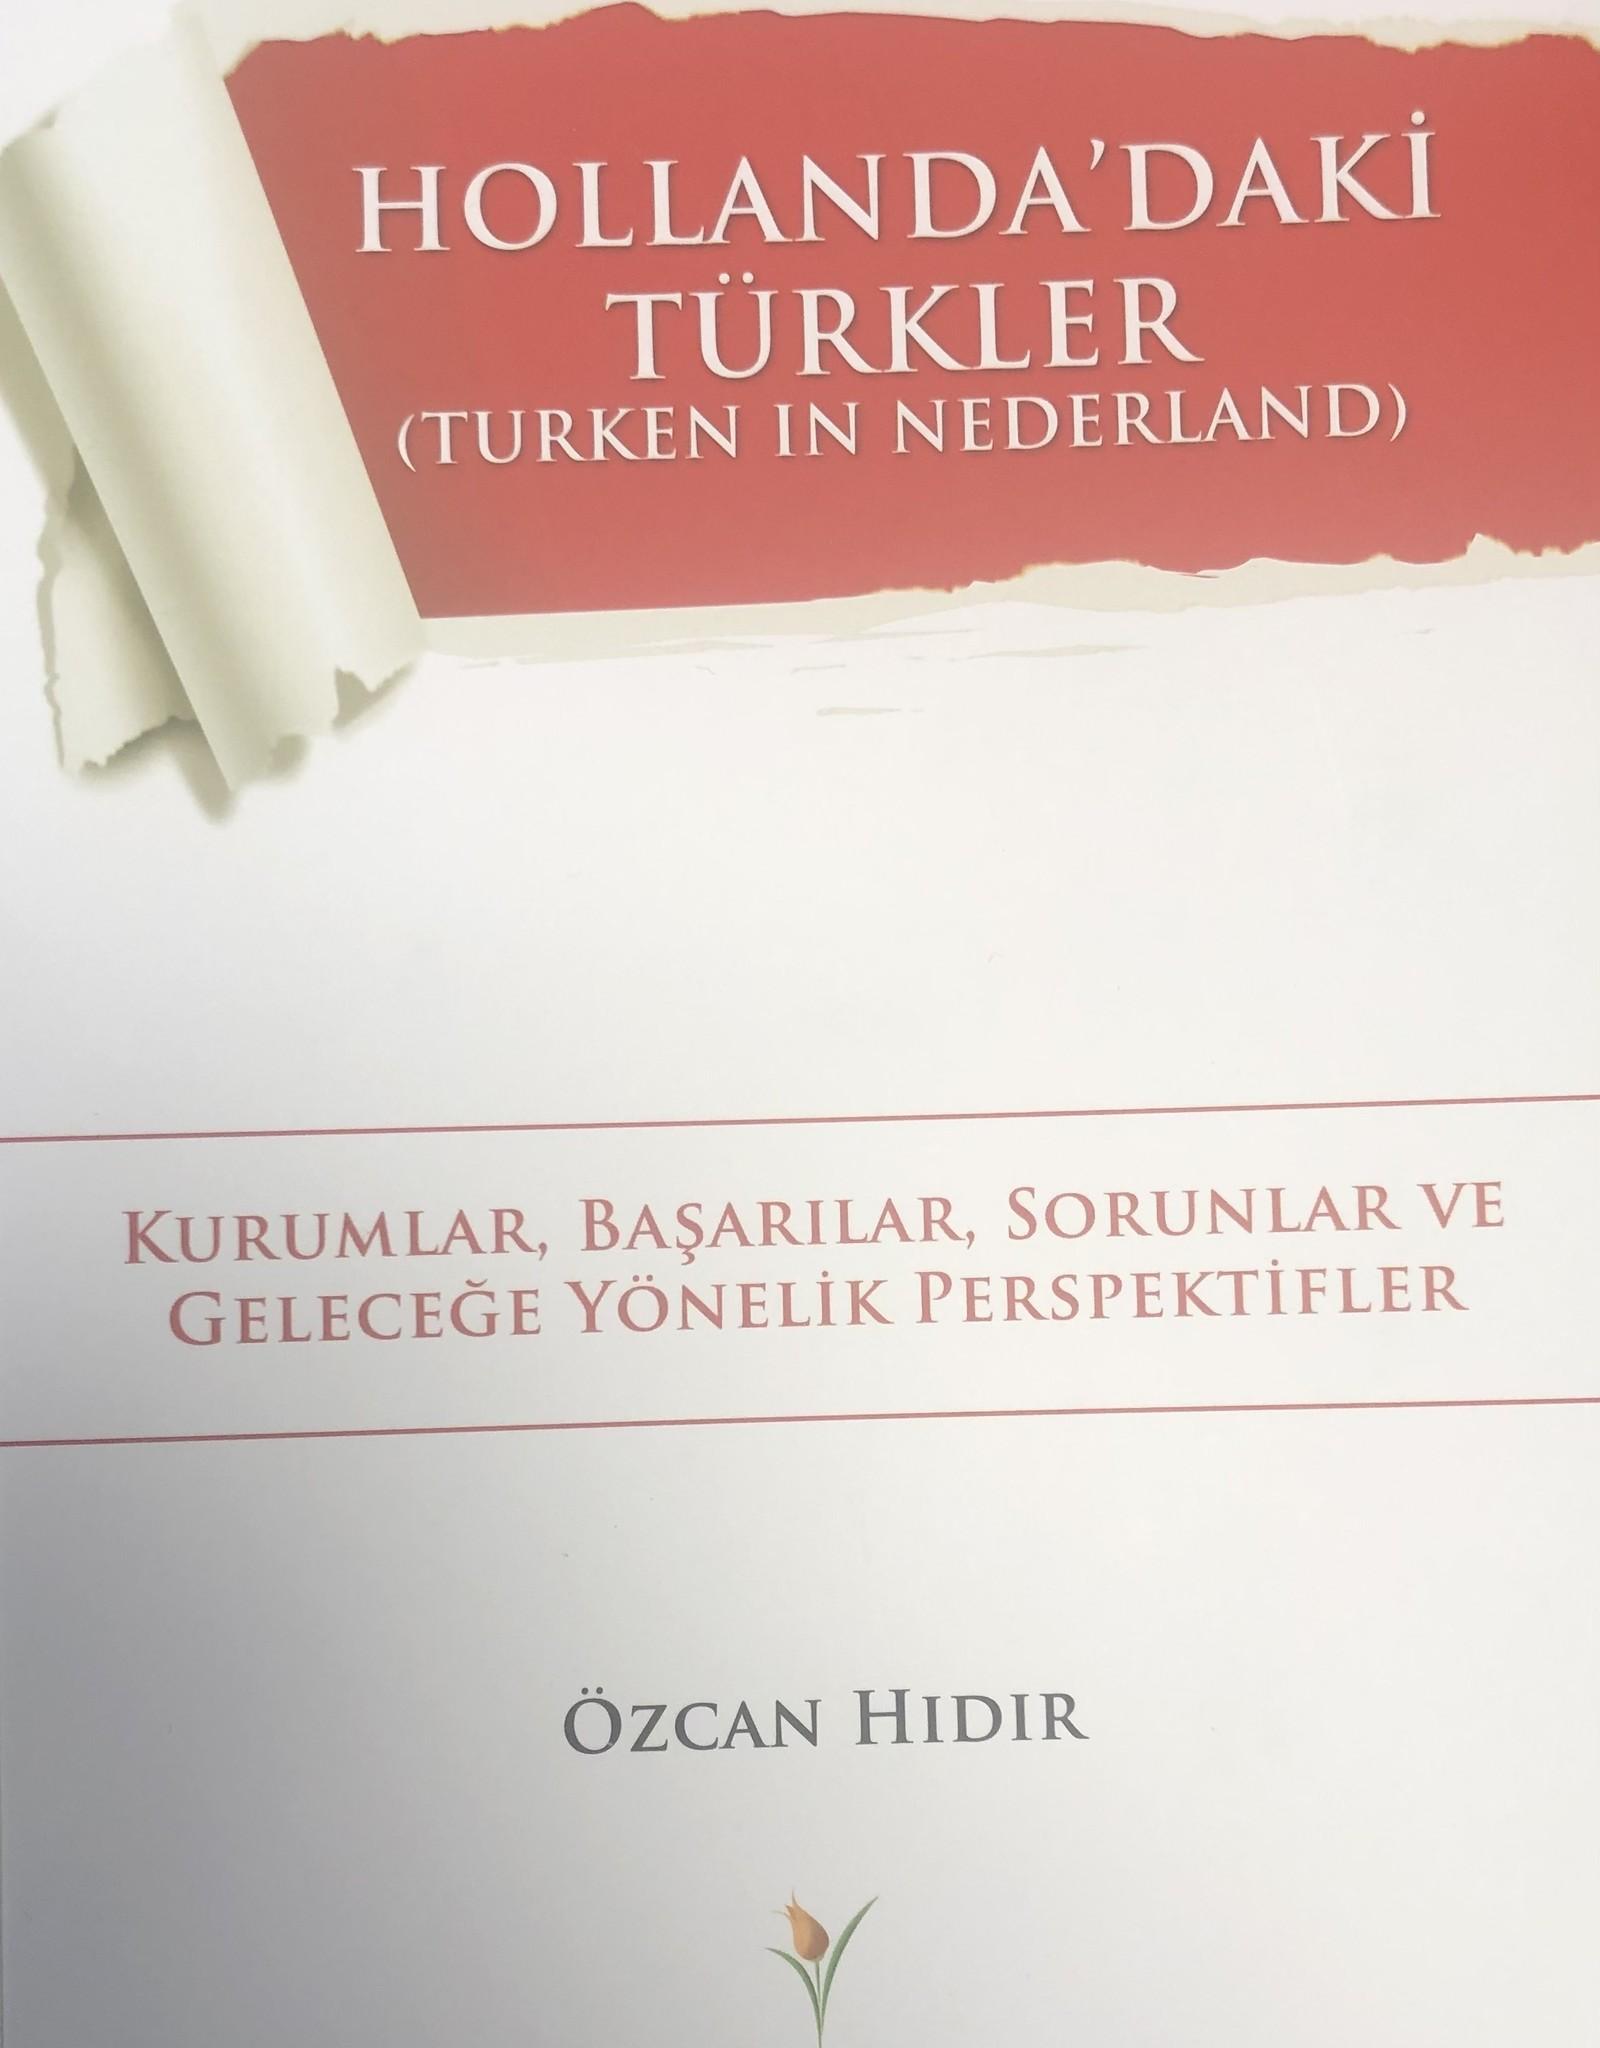 Hollanda'daki Türkler (Turken in Nederland)